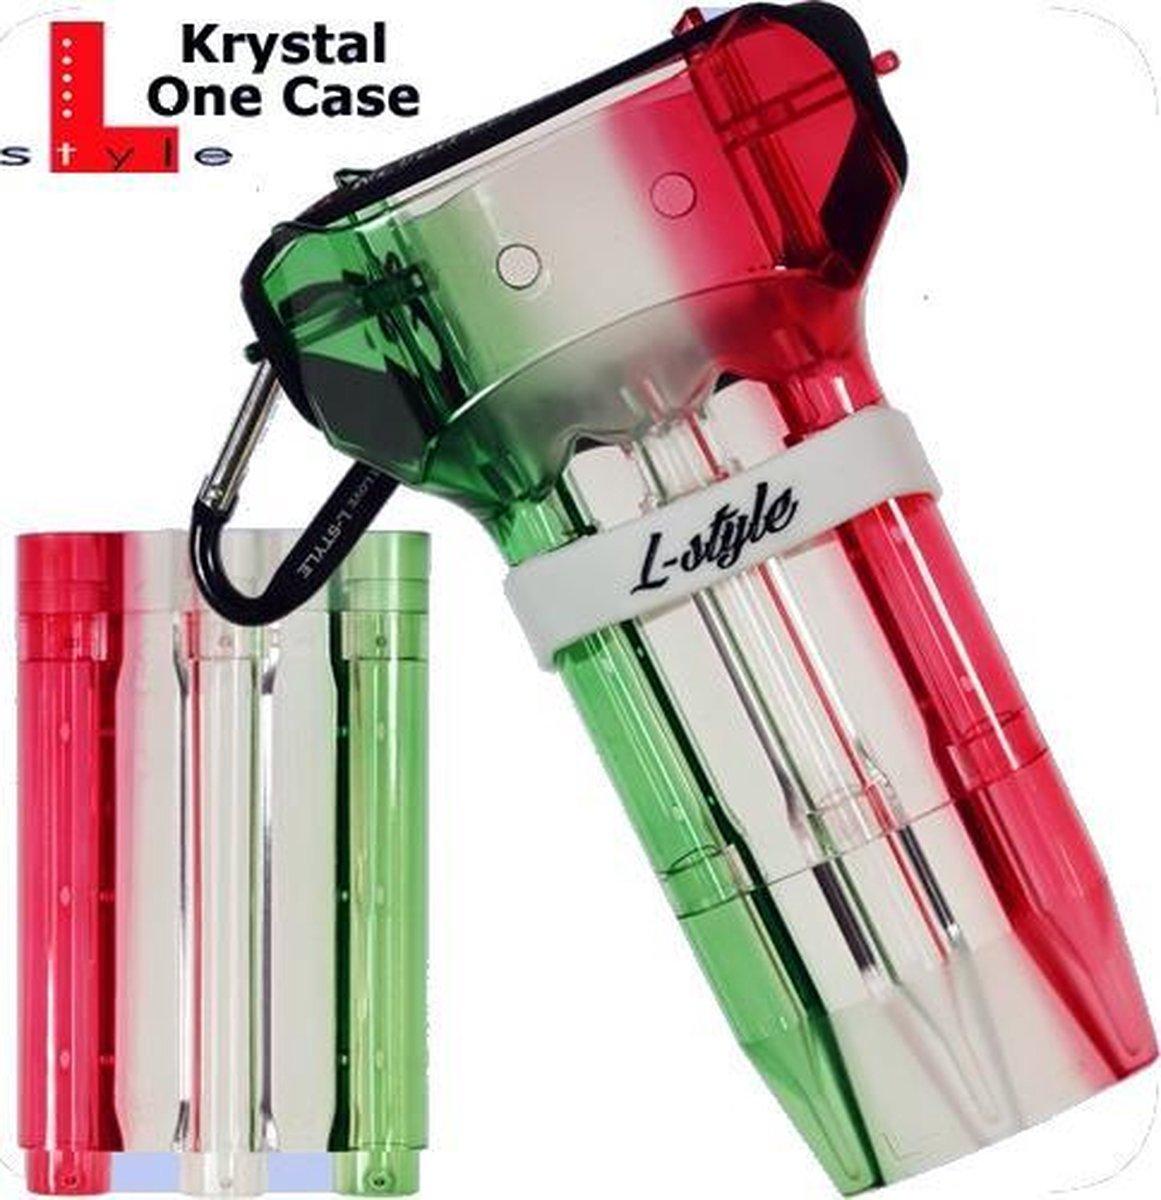 L-Style Krystal One N9 Tri Color Suika